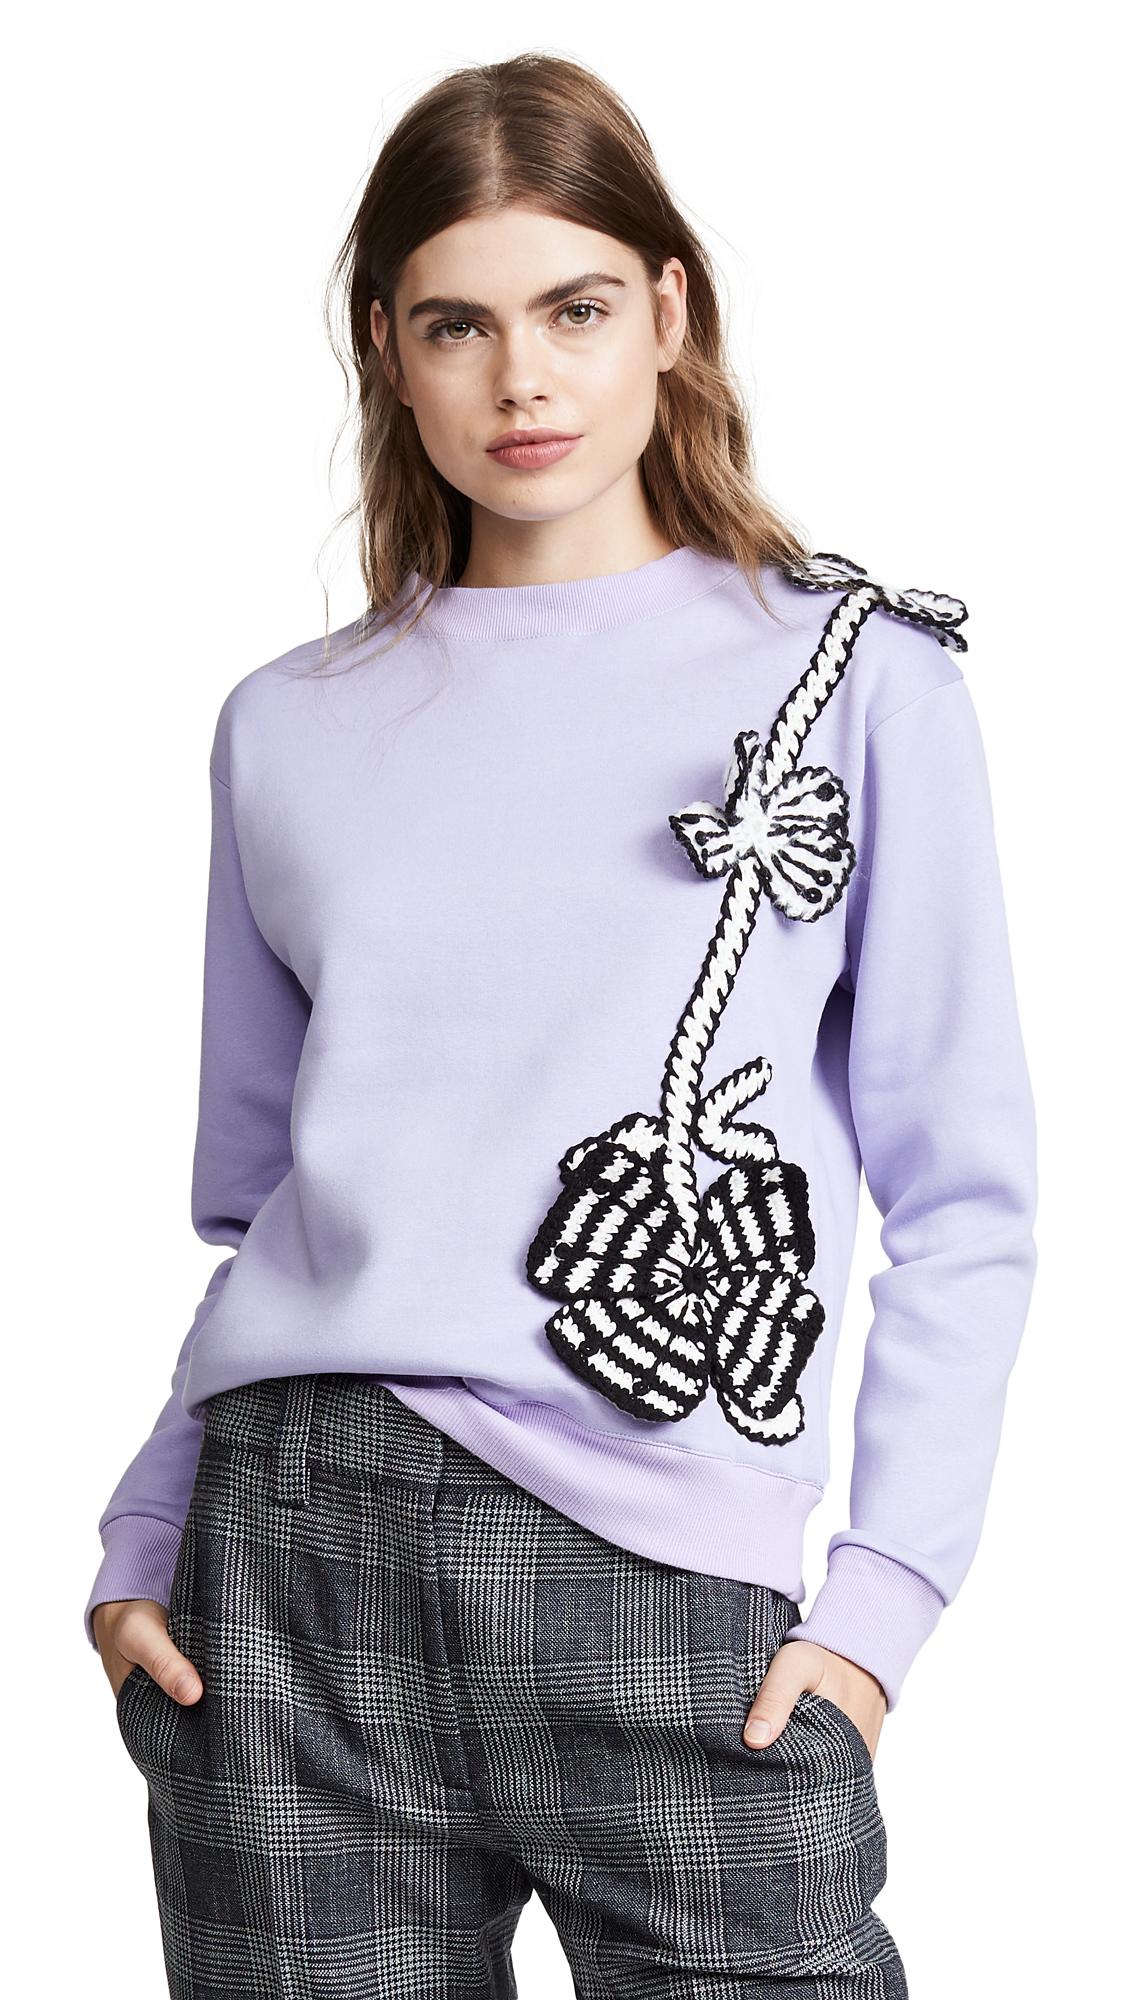 MICHAELA BUERGER Flowers Sweatshirt in Lilac